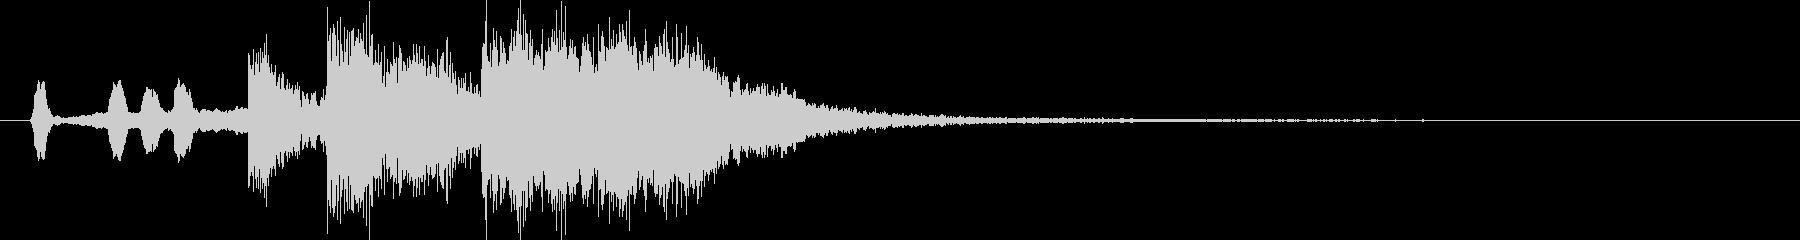 短めのブラス系ファンファーレの未再生の波形